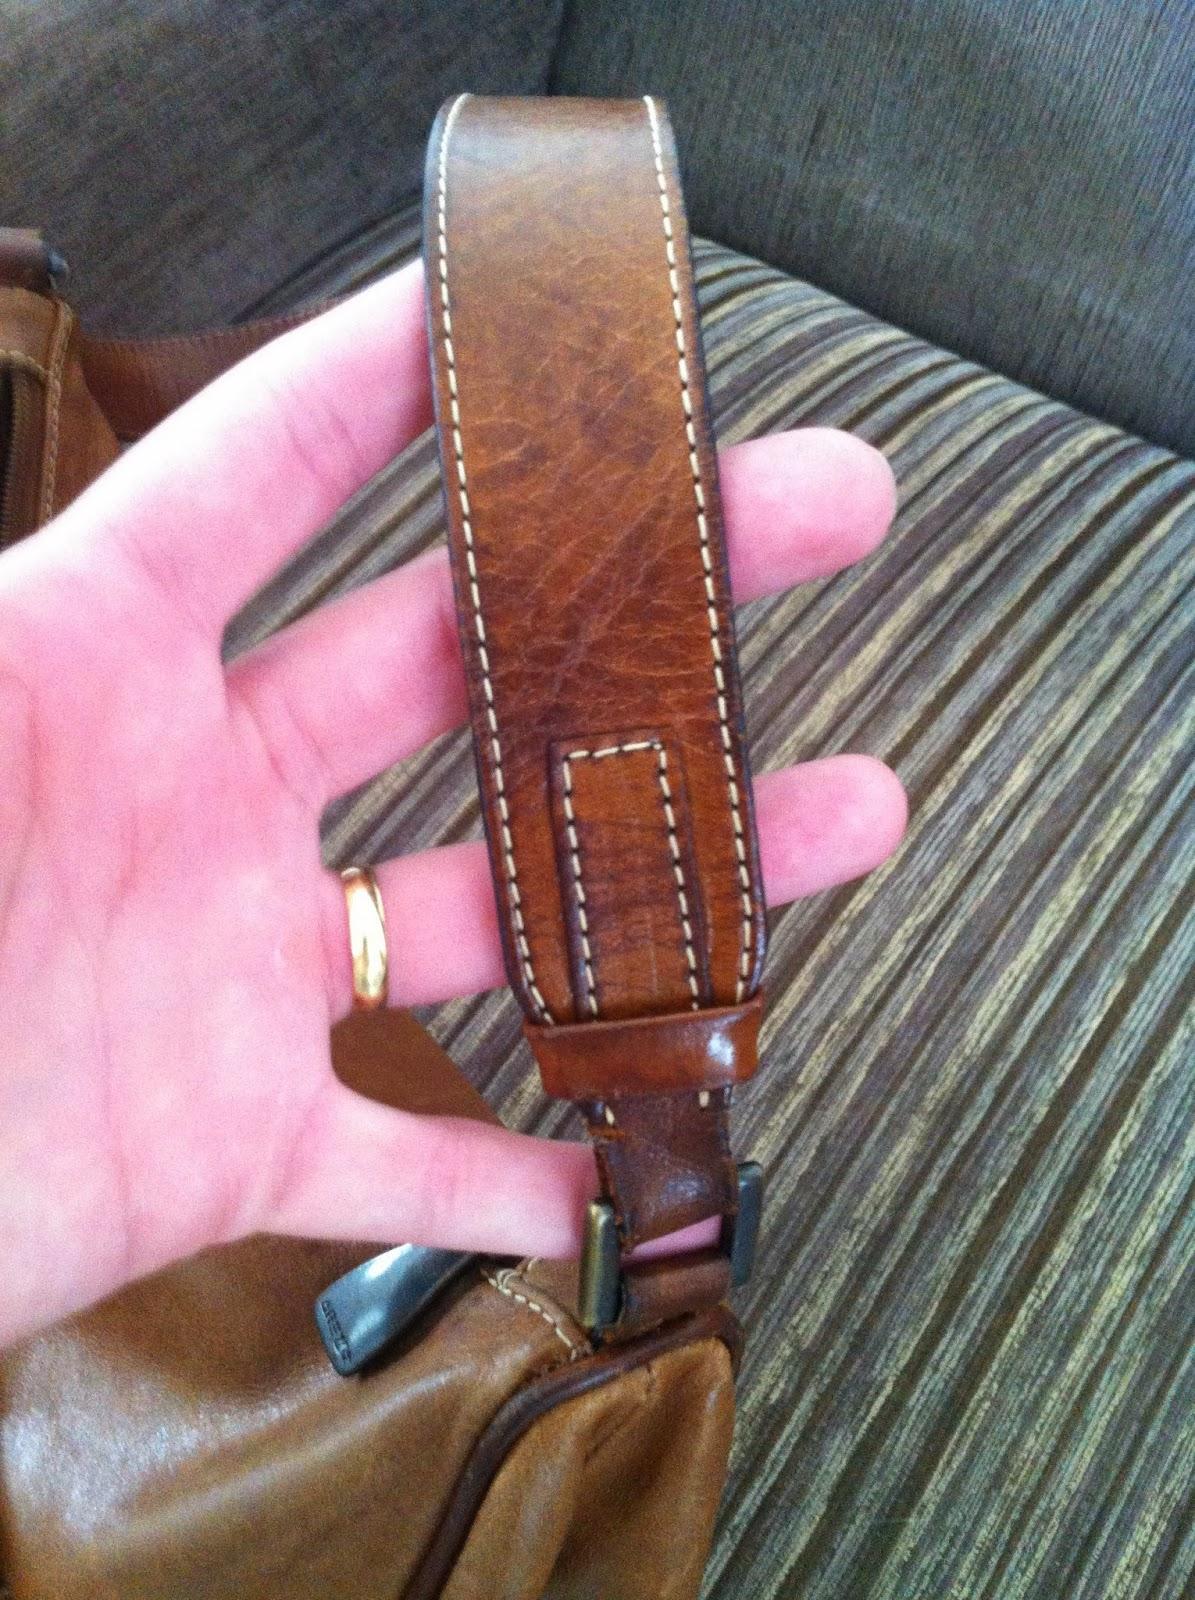 691817bf1 Um lado da alça da bolsa onde o couro estava bem danificado: manchas  mostrando que o couro ainda não havia secado completamente mesmo após 48  hrs.